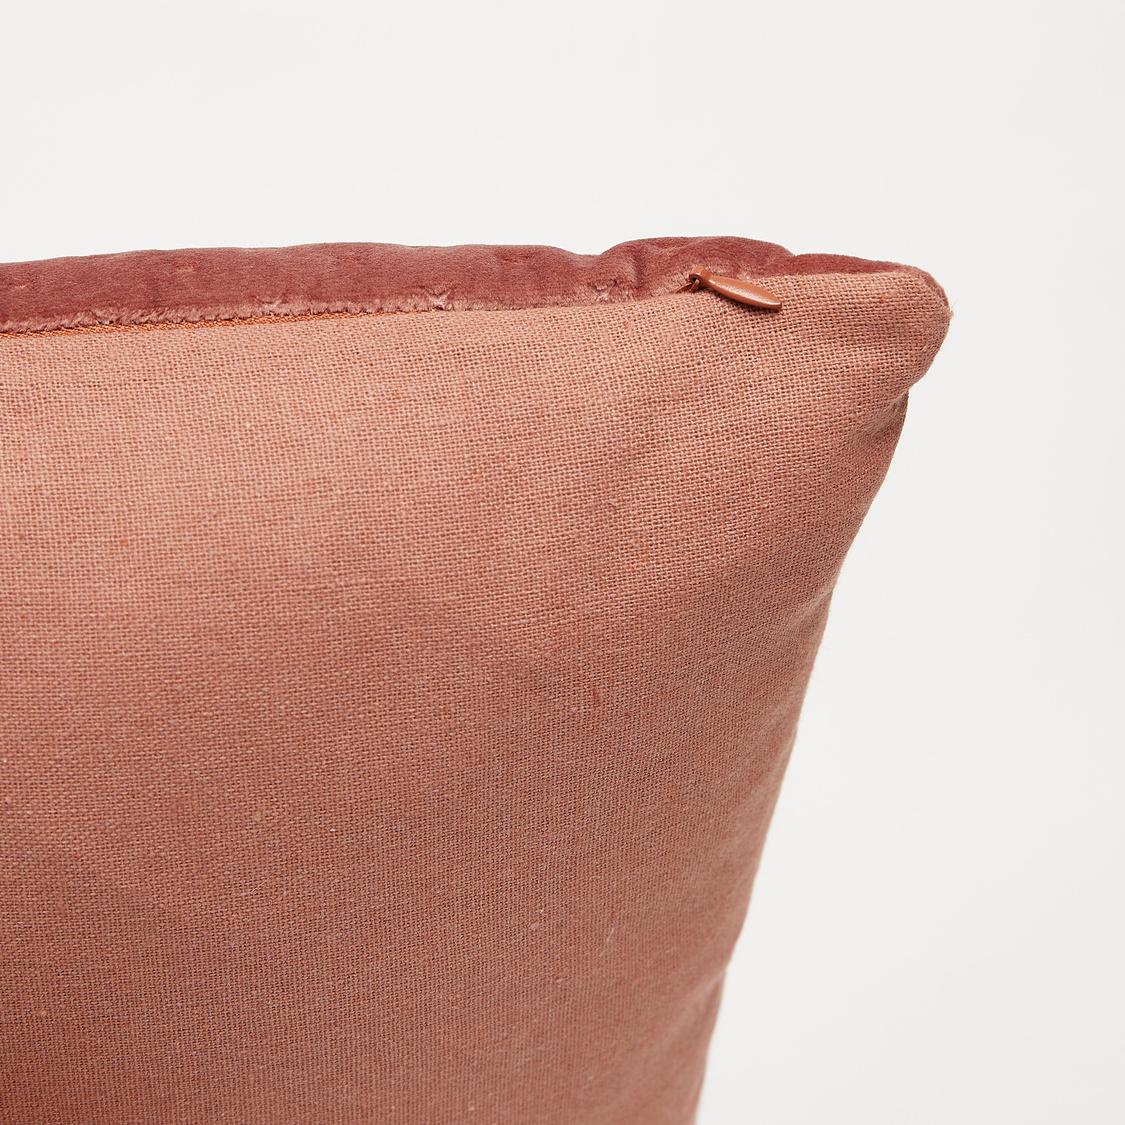 وسادة محشوة منقوشة - 45x45 سم